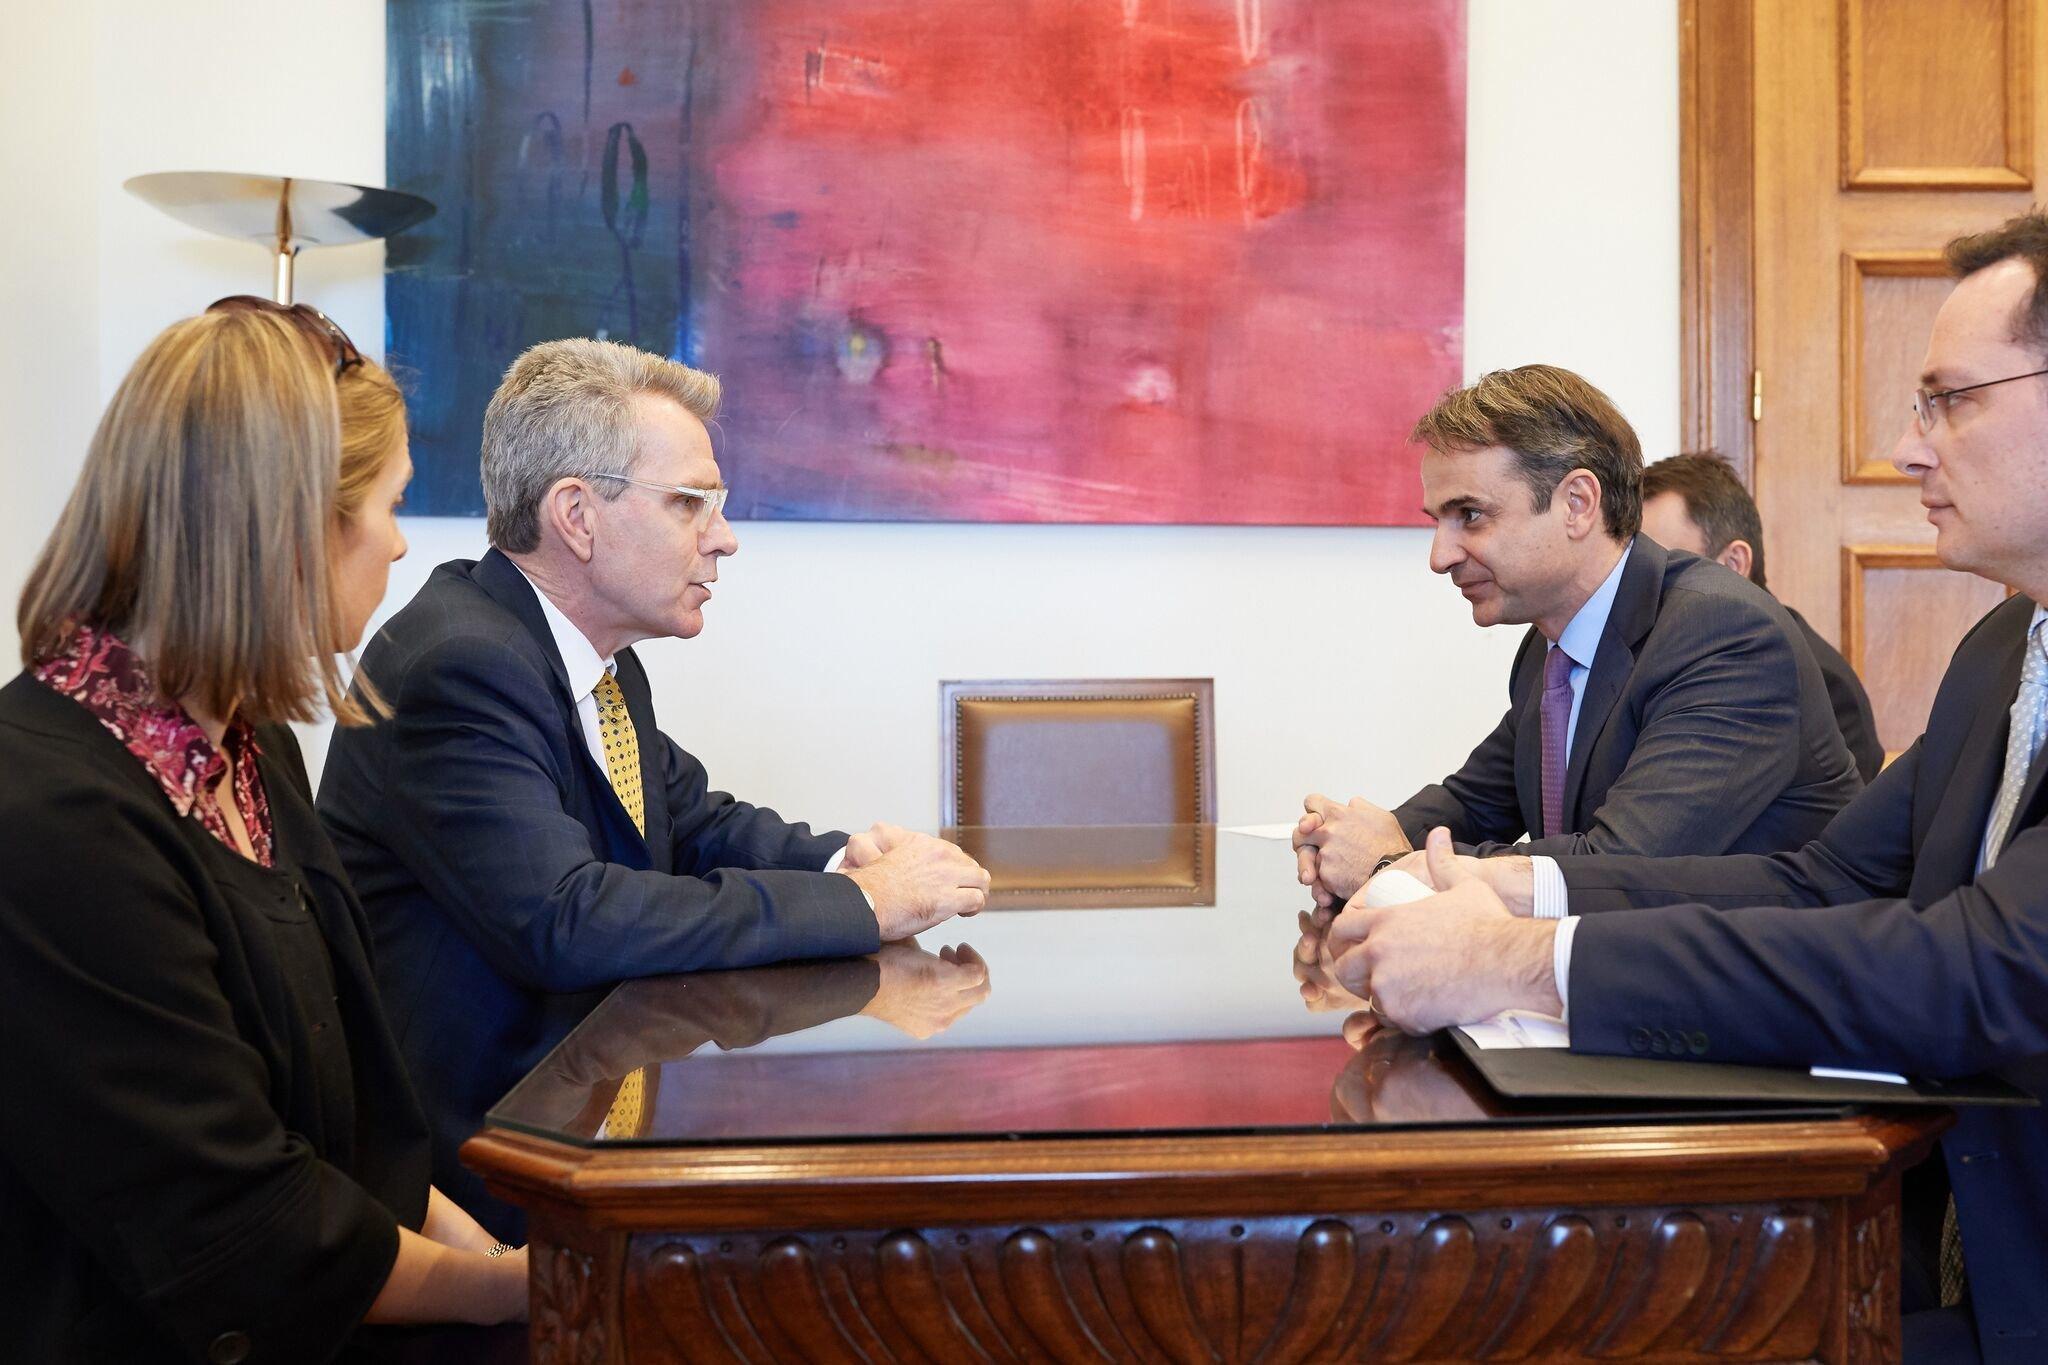 Τελικά είπε ή δεν είπε ο Αμερικανός πρέσβης στον Μητσοτάκη ότι δεν υπάρχουν Έλληνες πολιτικοί στις έρευνες του